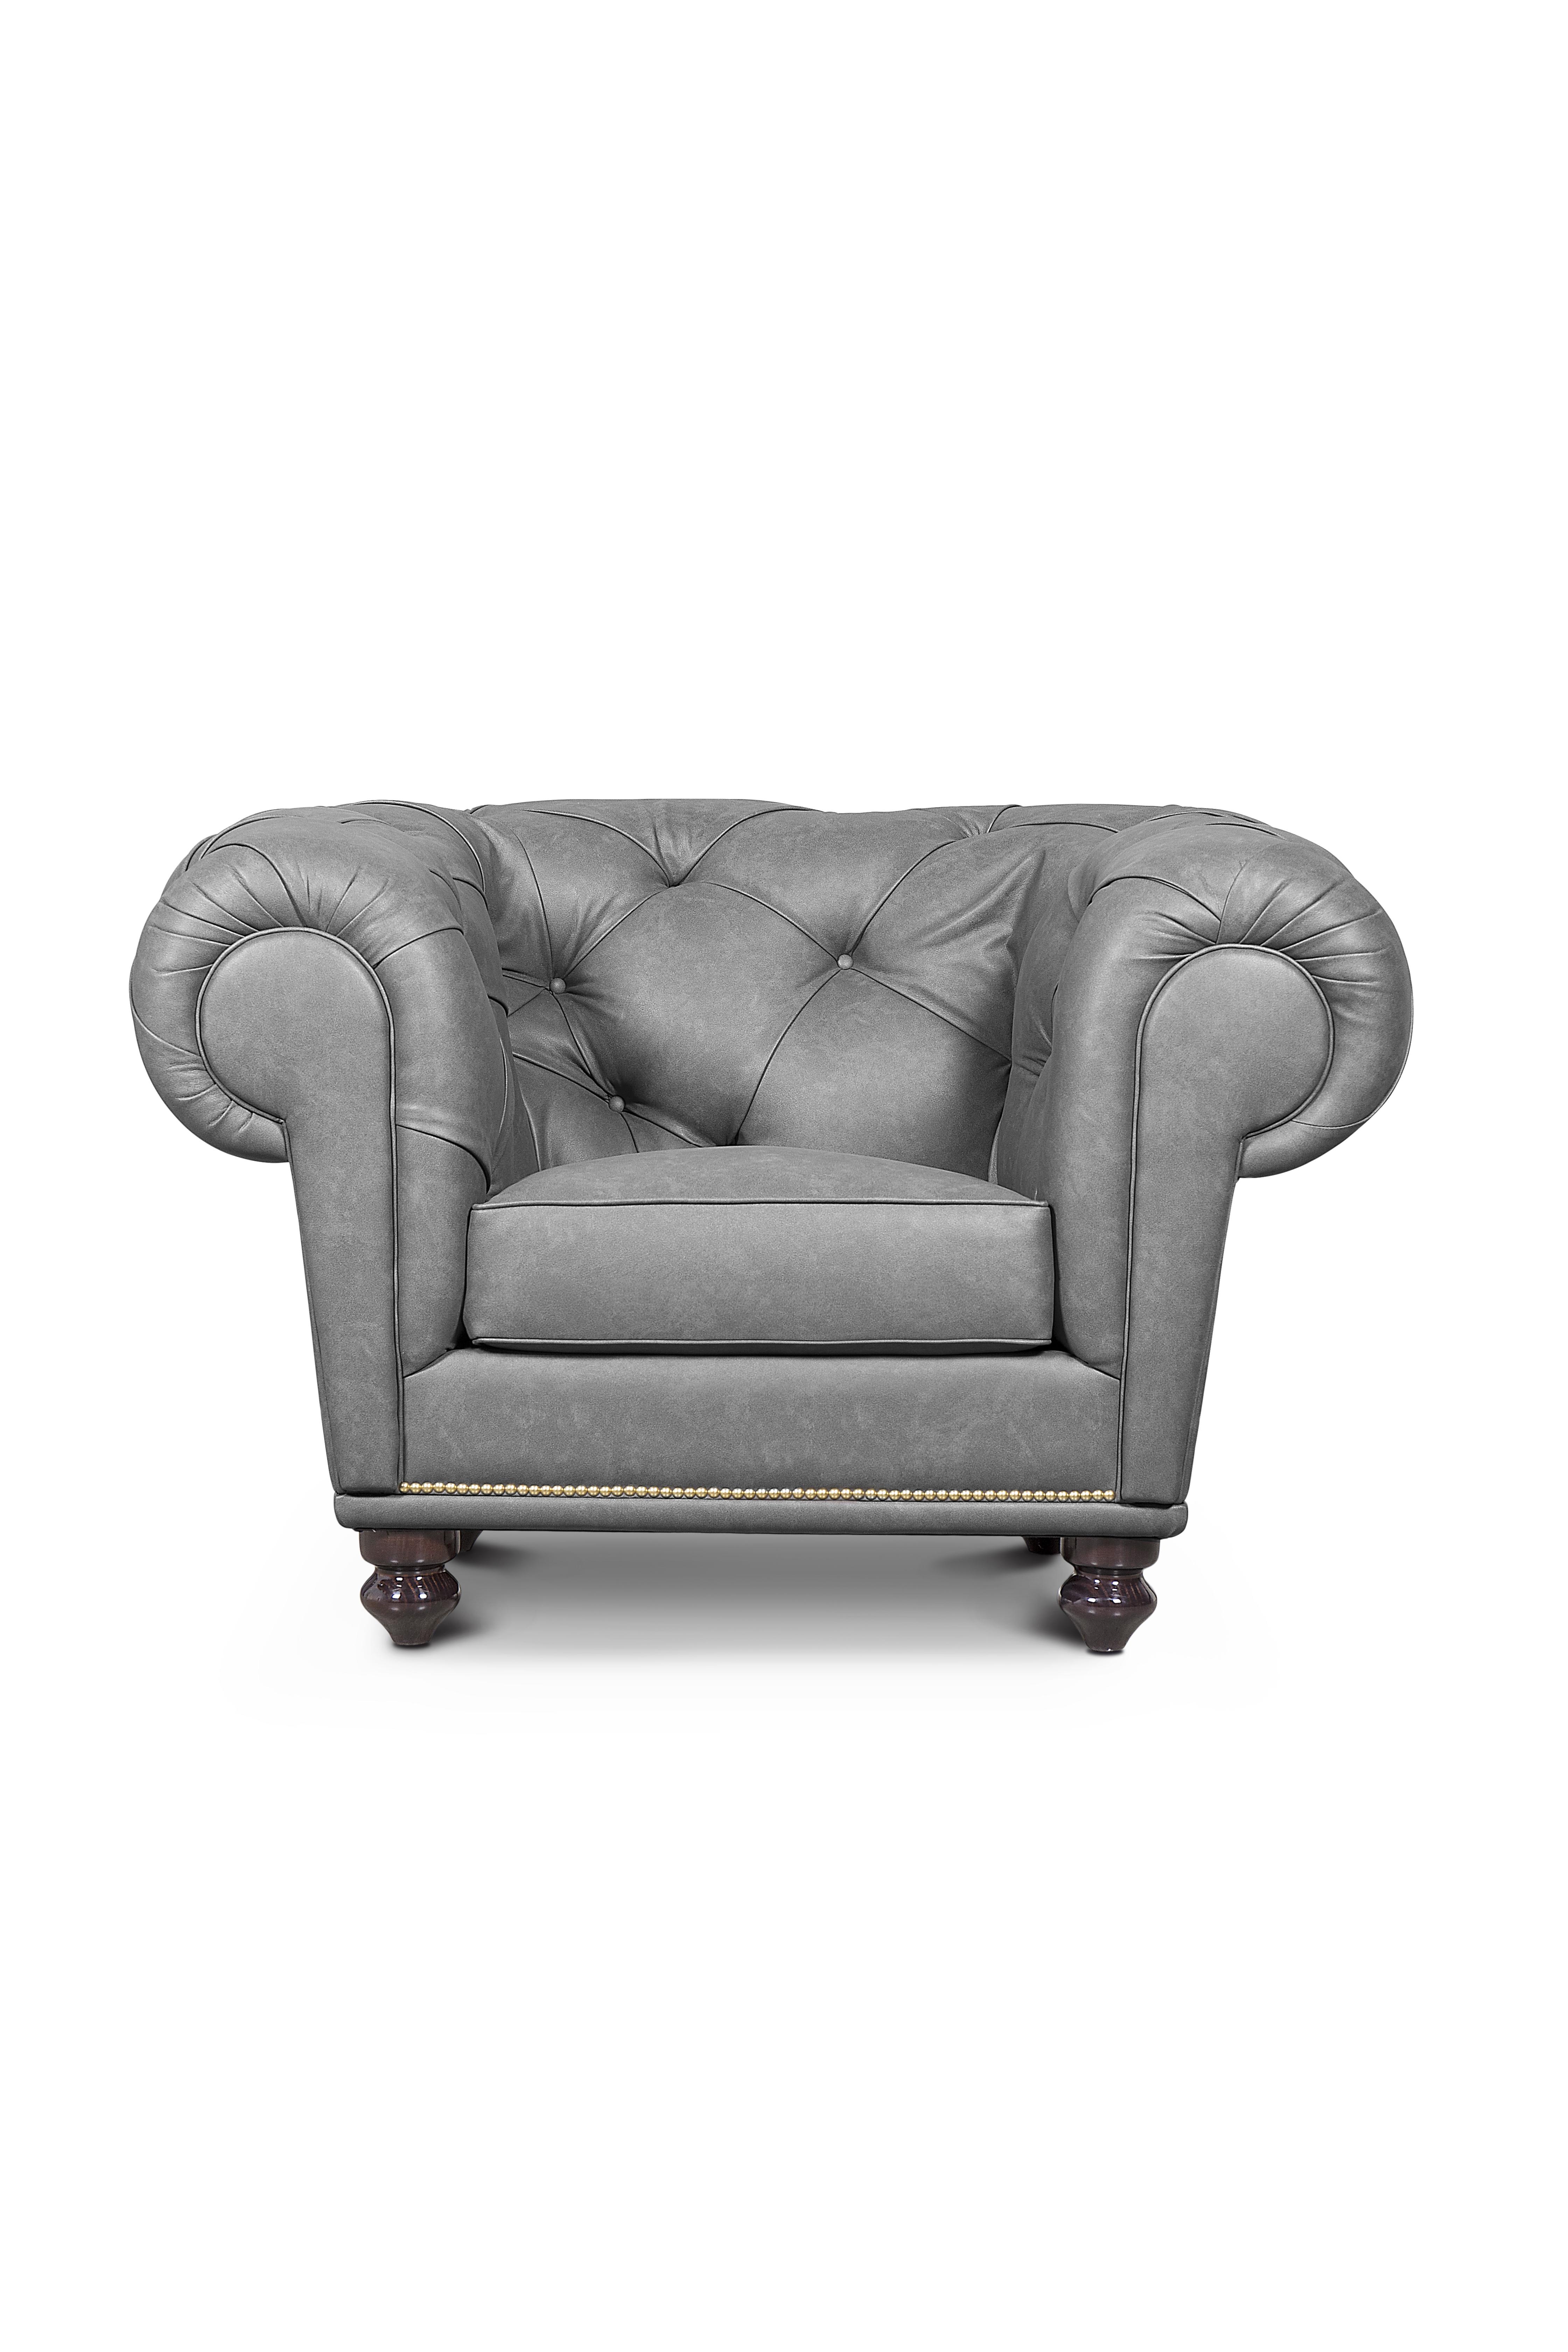 WANDDEKO 5 BESTEN WANDDEKO, UM EINEN GROSSEN UND LEEREN WOHNZIMMER chesterfield armchair 01